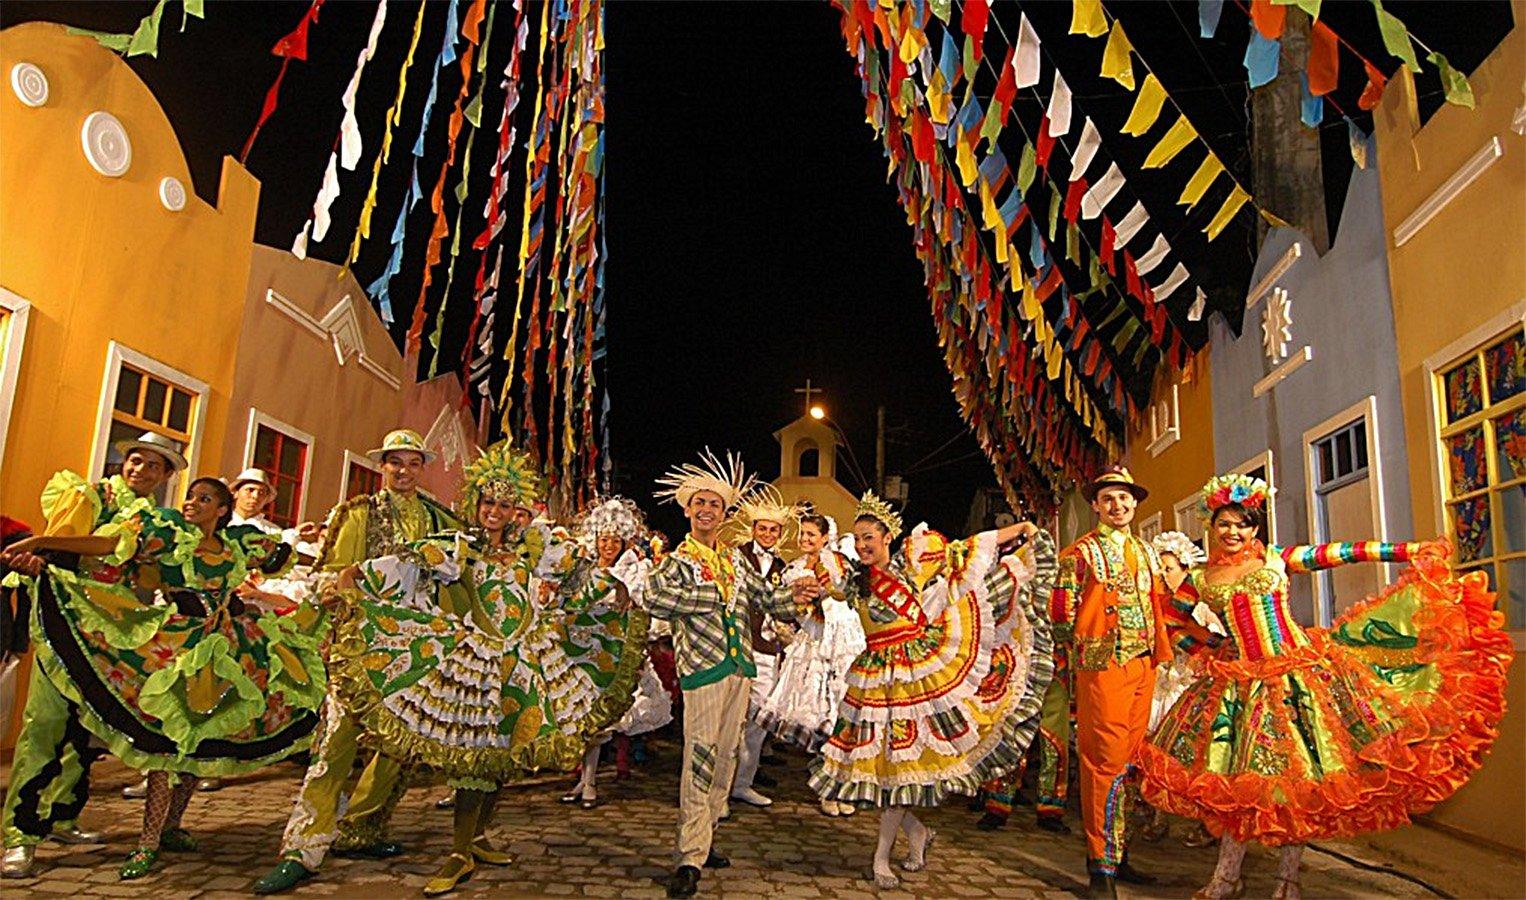 Confira datas, preços e locais das Festas Juninas de Goiânia em 2018 | Foto: Reprodução